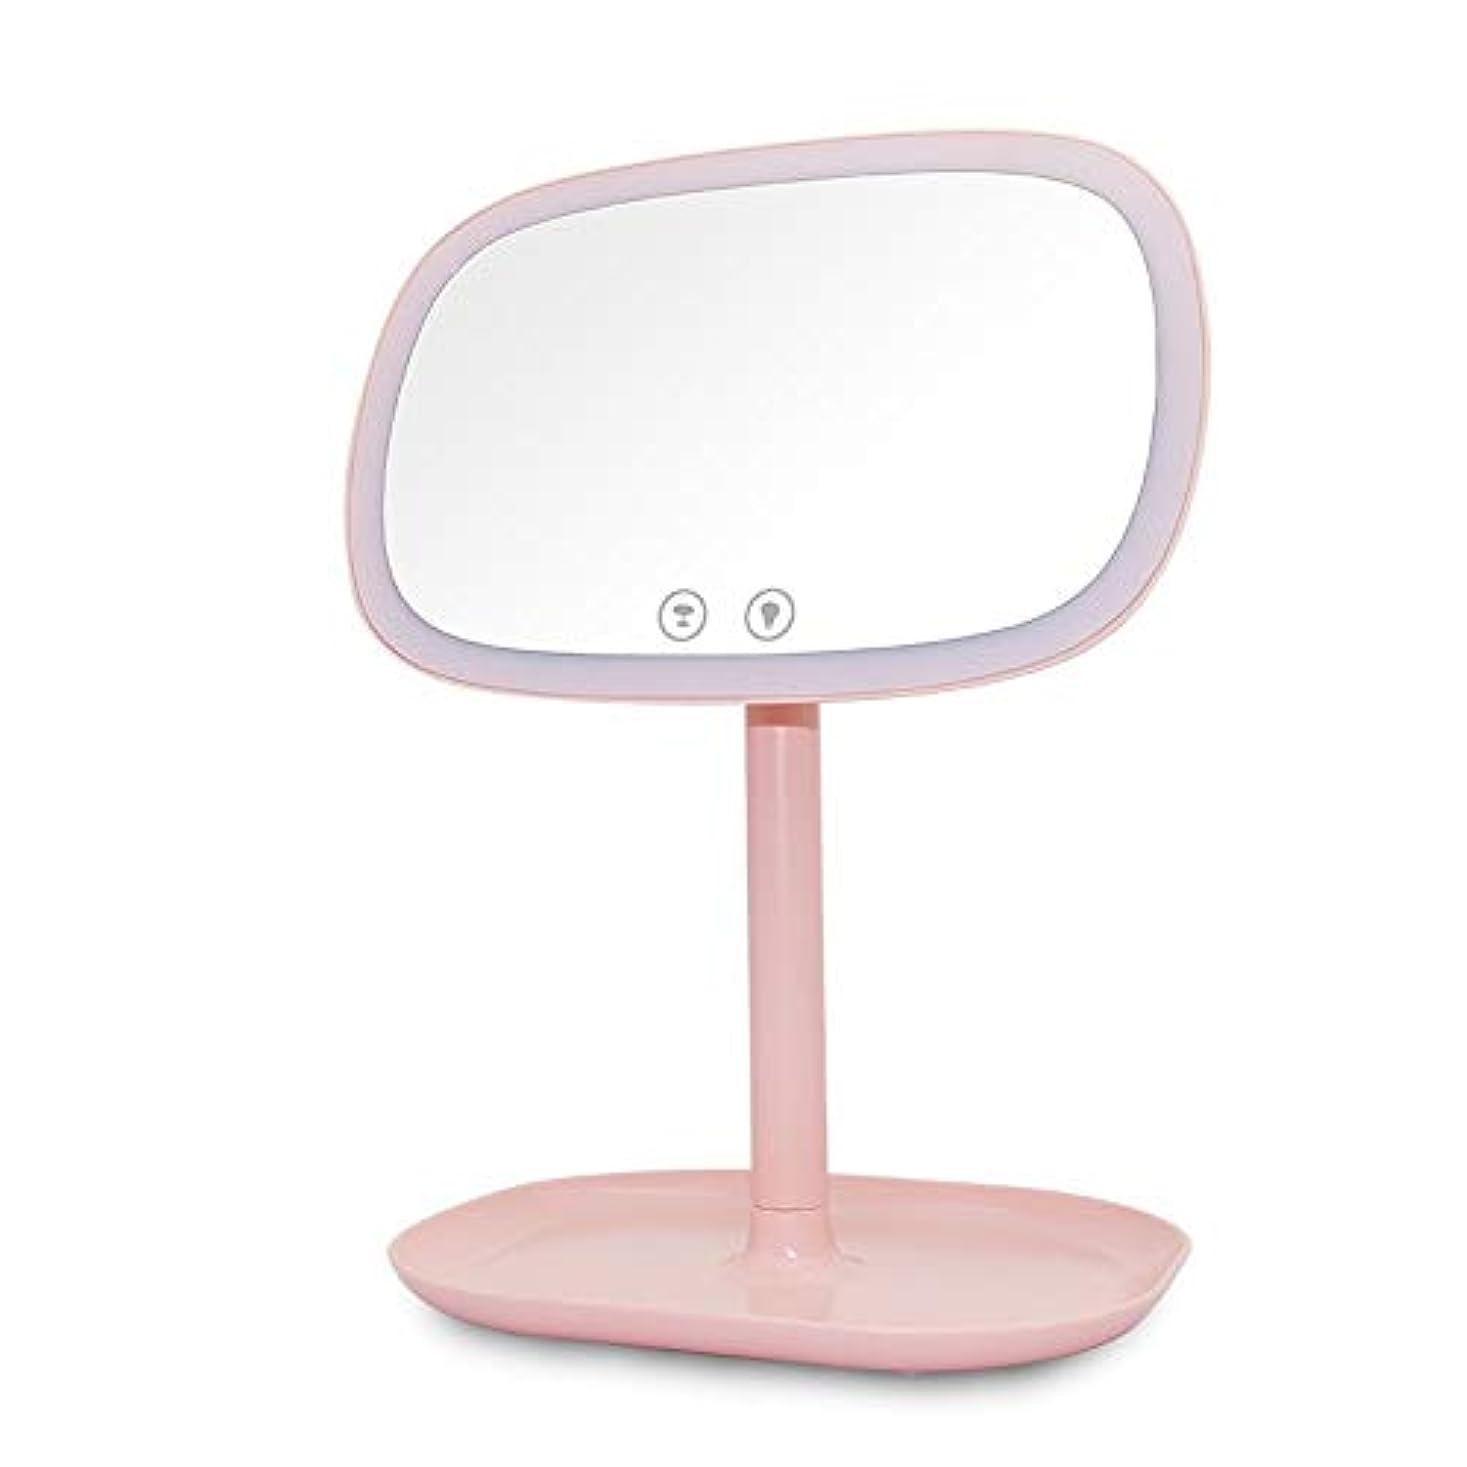 考える美人すり減る充電式 化粧鏡 10倍拡大鏡充電式タッチコントロール360度スイベルデスクトップバニティミラーLED表ナイトライトカウンター照明付き化粧化粧鏡 寒暖色調節可能 化粧鏡 (色 : ピンク, サイズ : ワンサイズ)